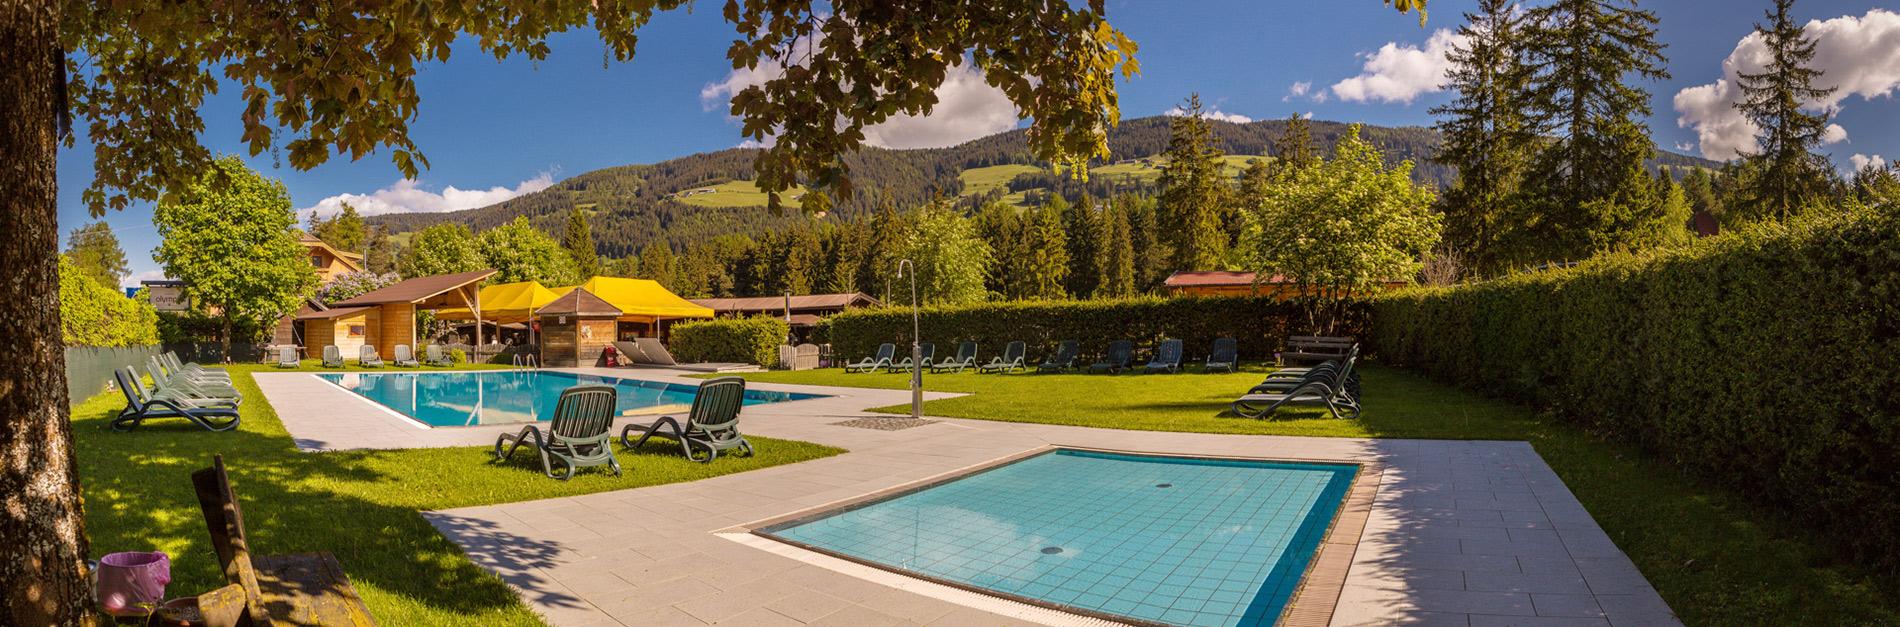 Campeggio Con Piscina In Alto Adige Camping Olympia